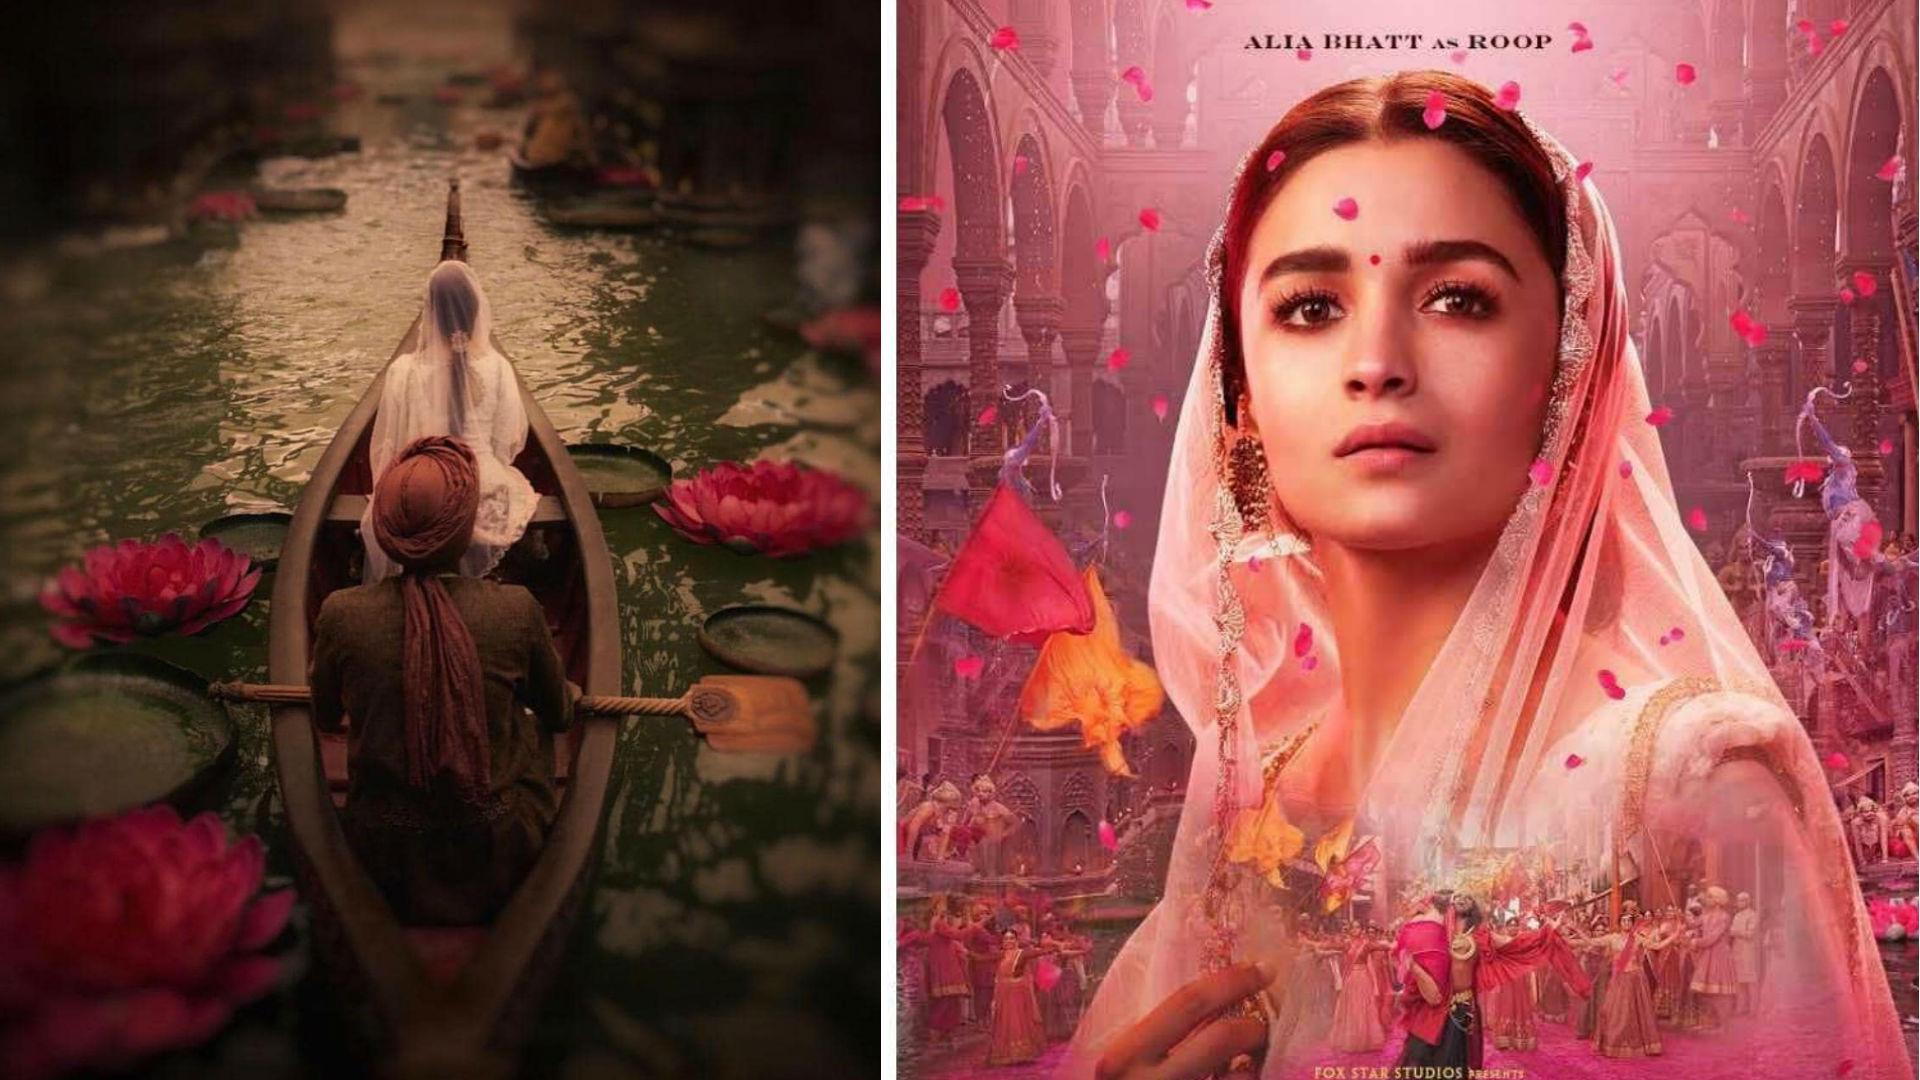 फिल्म कलंक के नए पोस्टर में दिखीं आलिया भट्ट, दिलकश अंदाज में नजर आई 'जफर' की 'रूप'